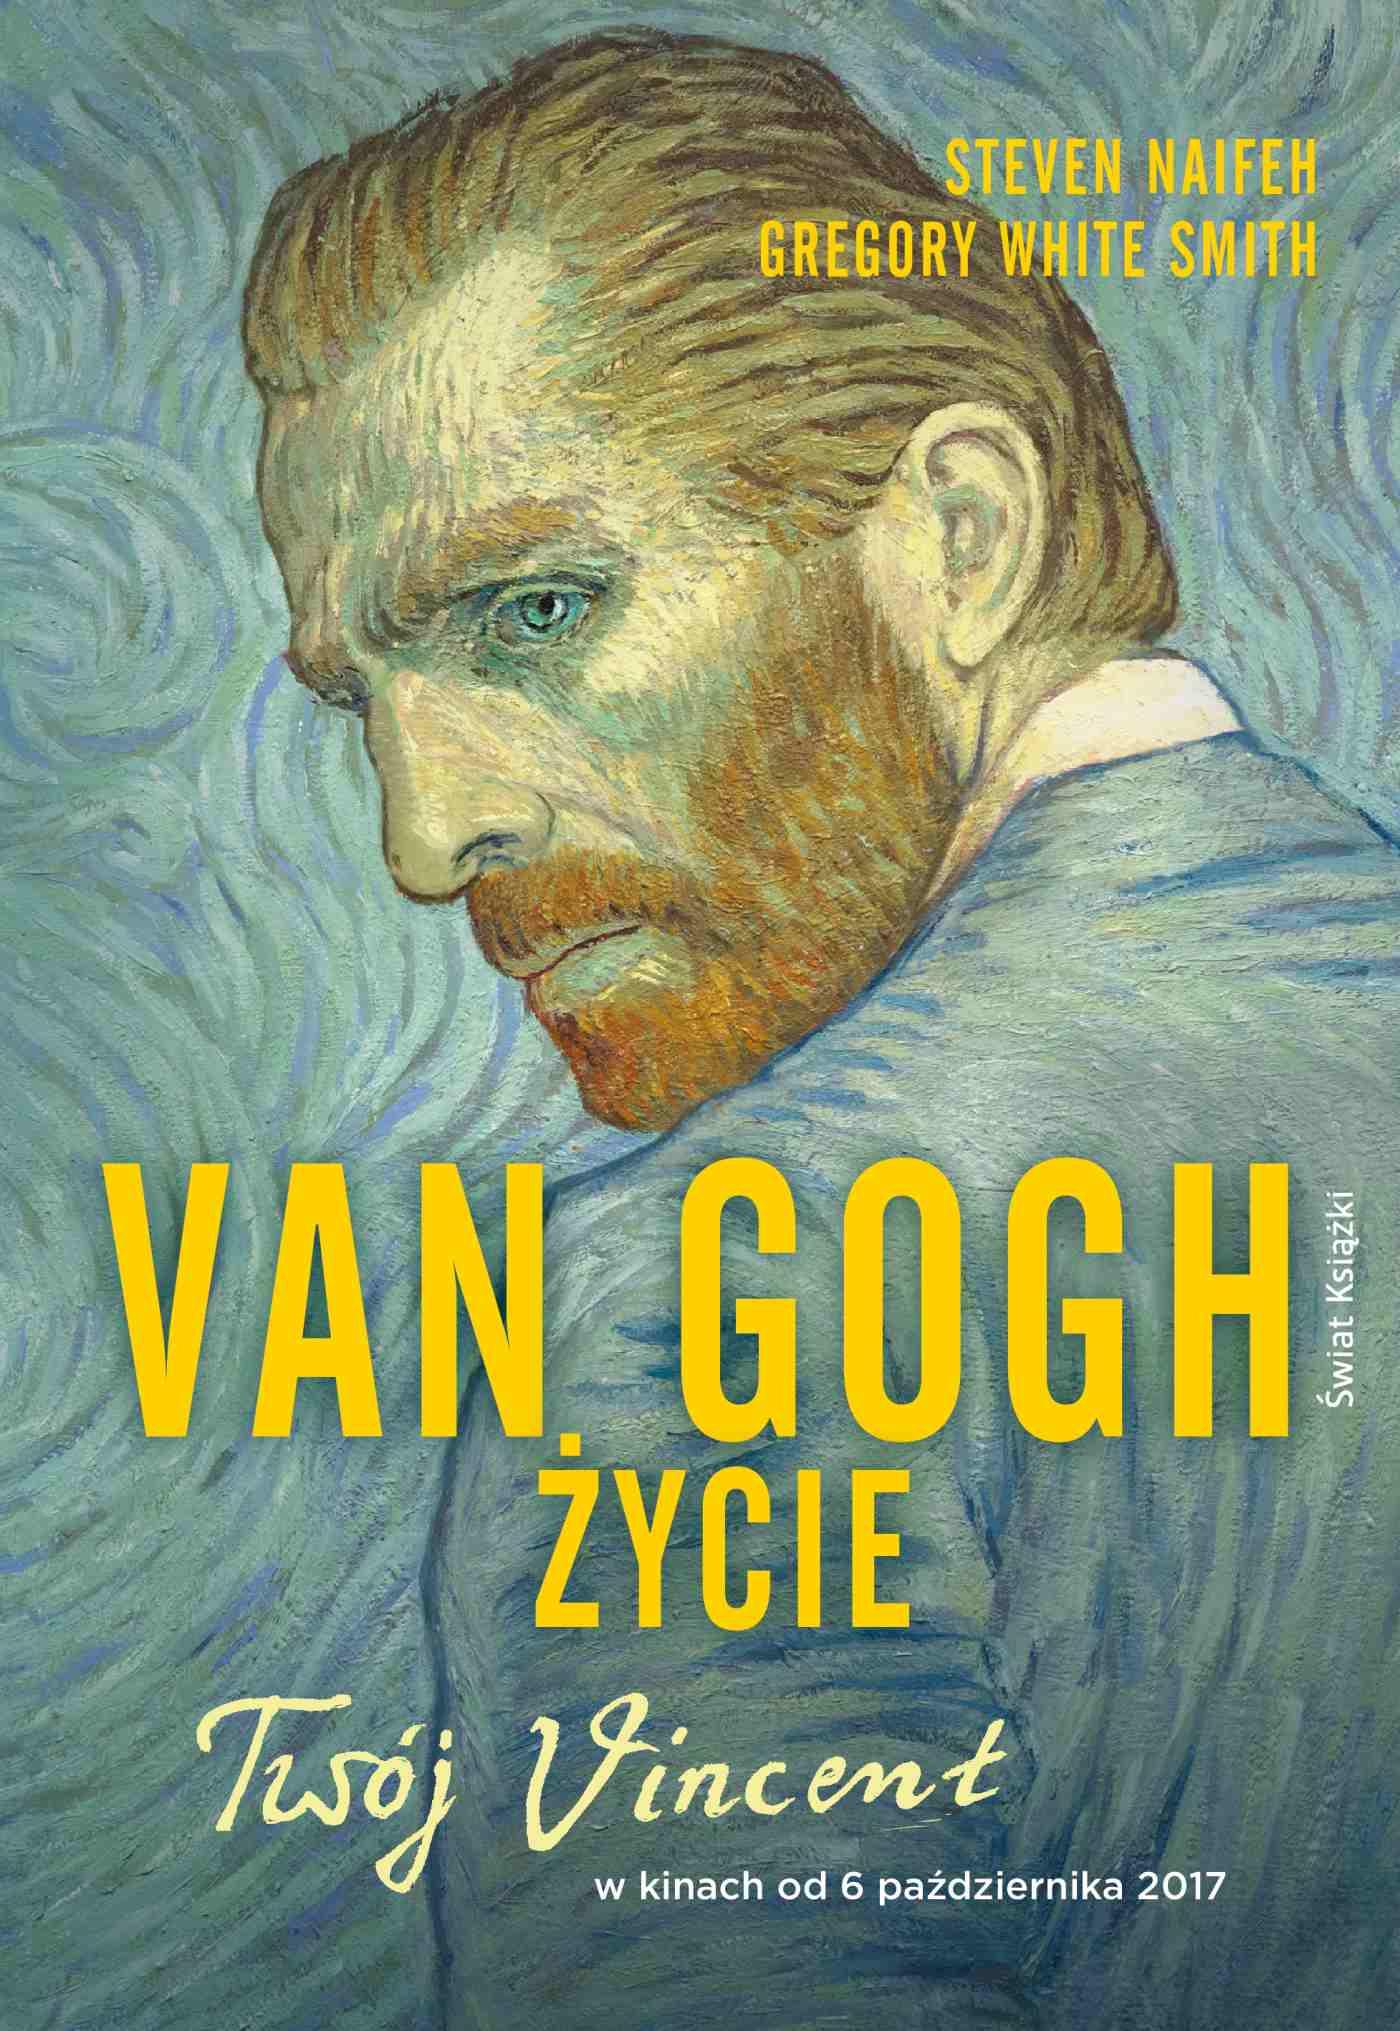 Van Gogh. Życie - Ebook (Książka EPUB) do pobrania w formacie EPUB